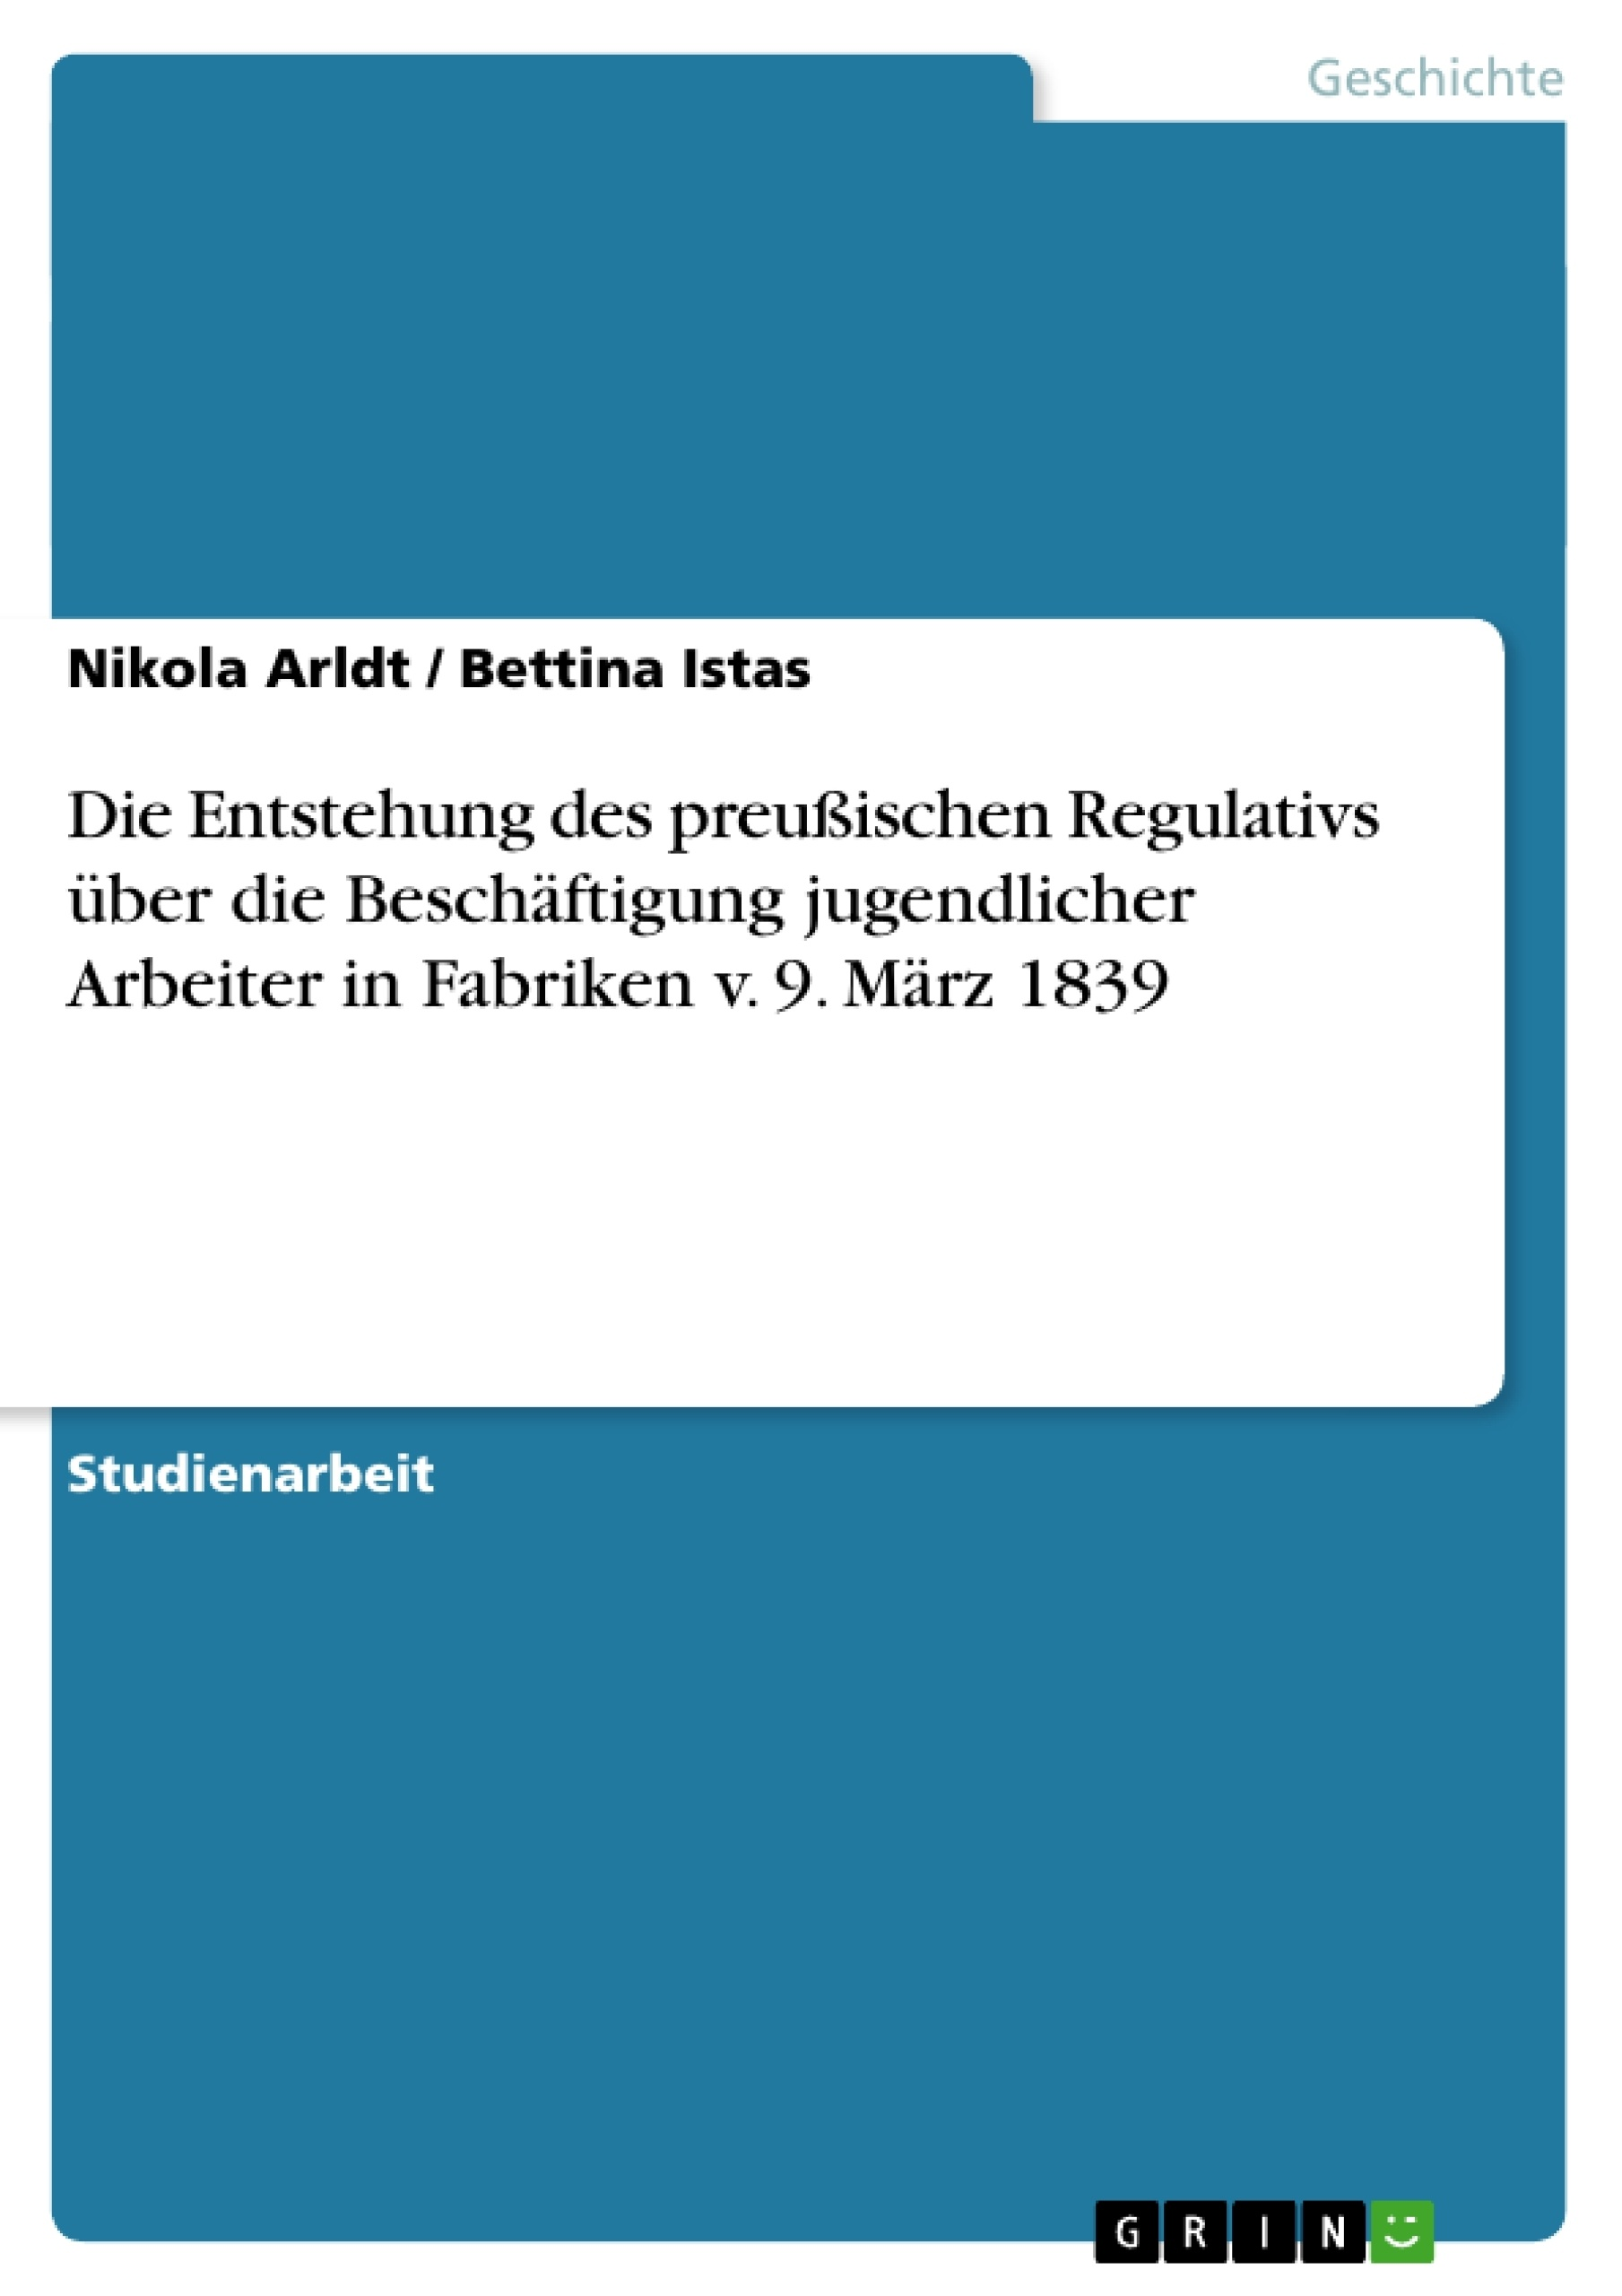 Titel: Die Entstehung des preußischen Regulativs über die Beschäftigung jugendlicher Arbeiter in Fabriken v. 9. März 1839